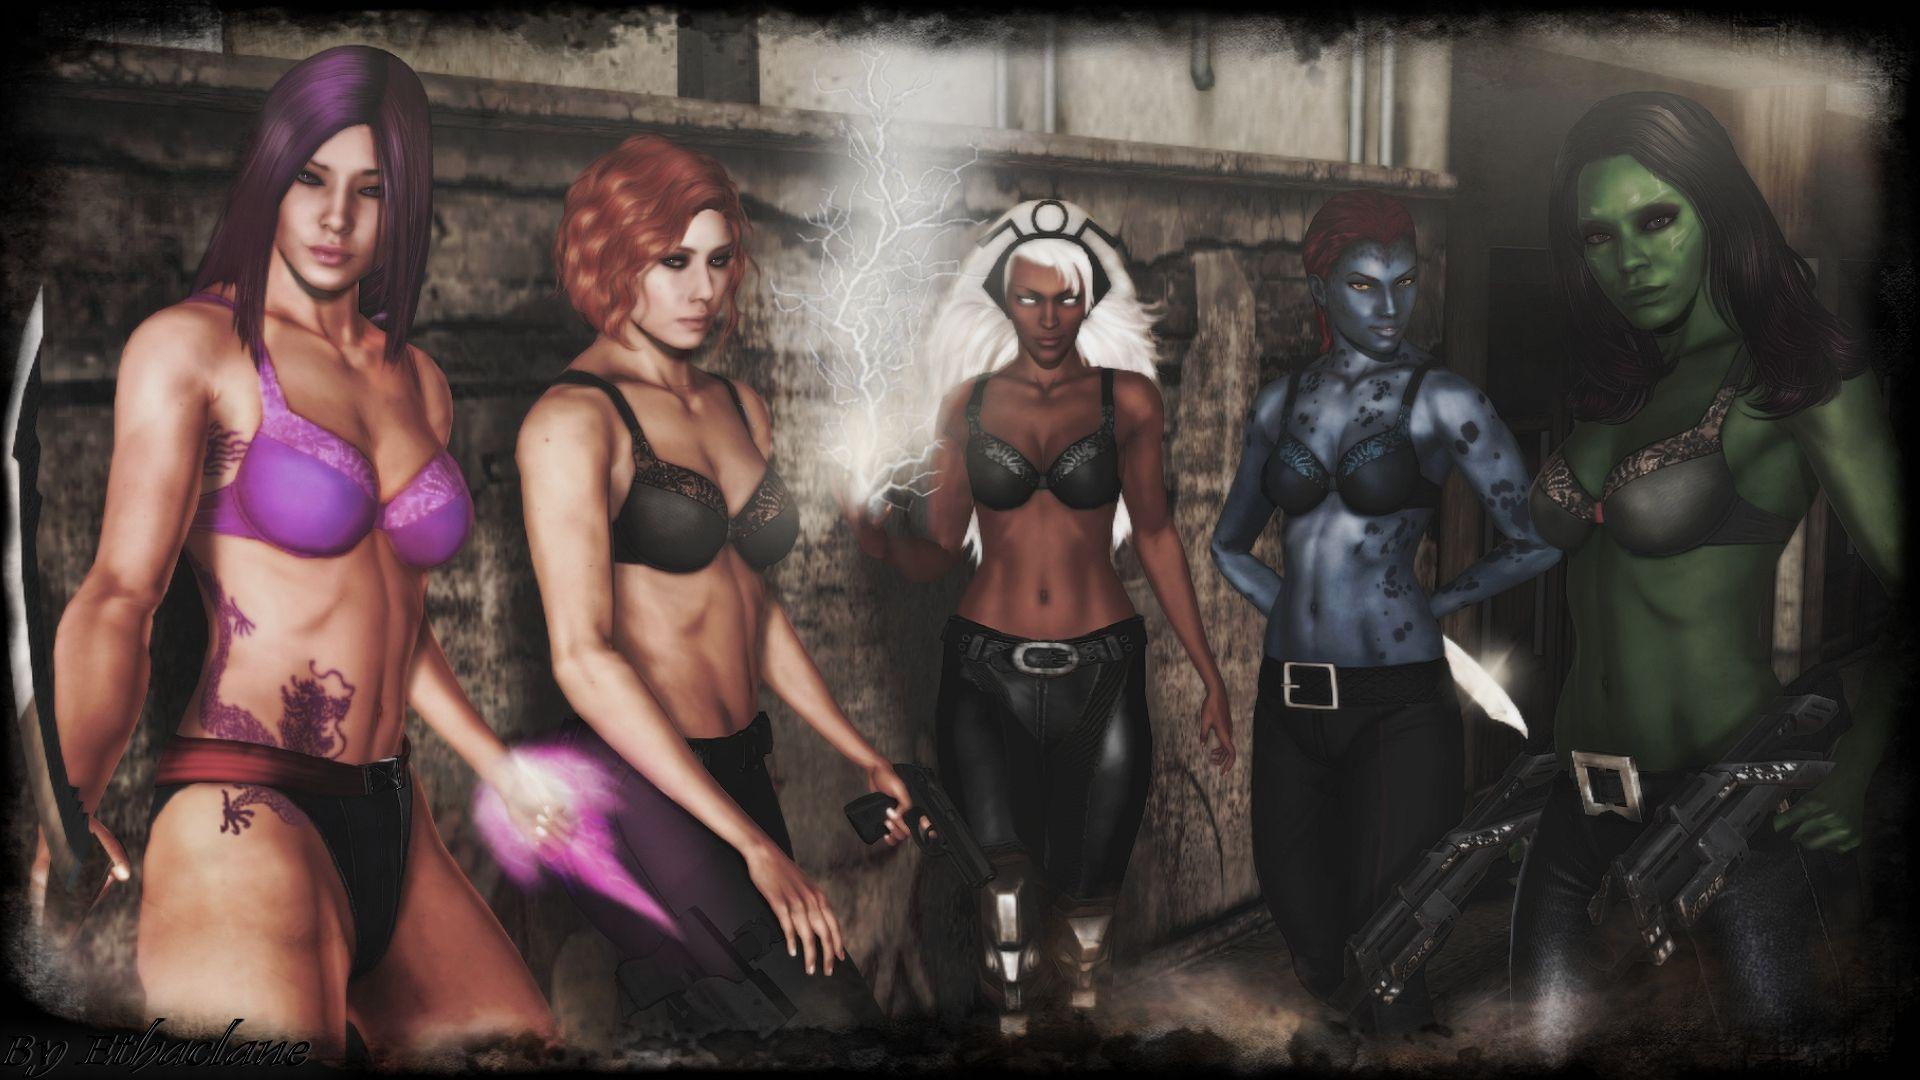 Roblox sex hot girls wallpaper